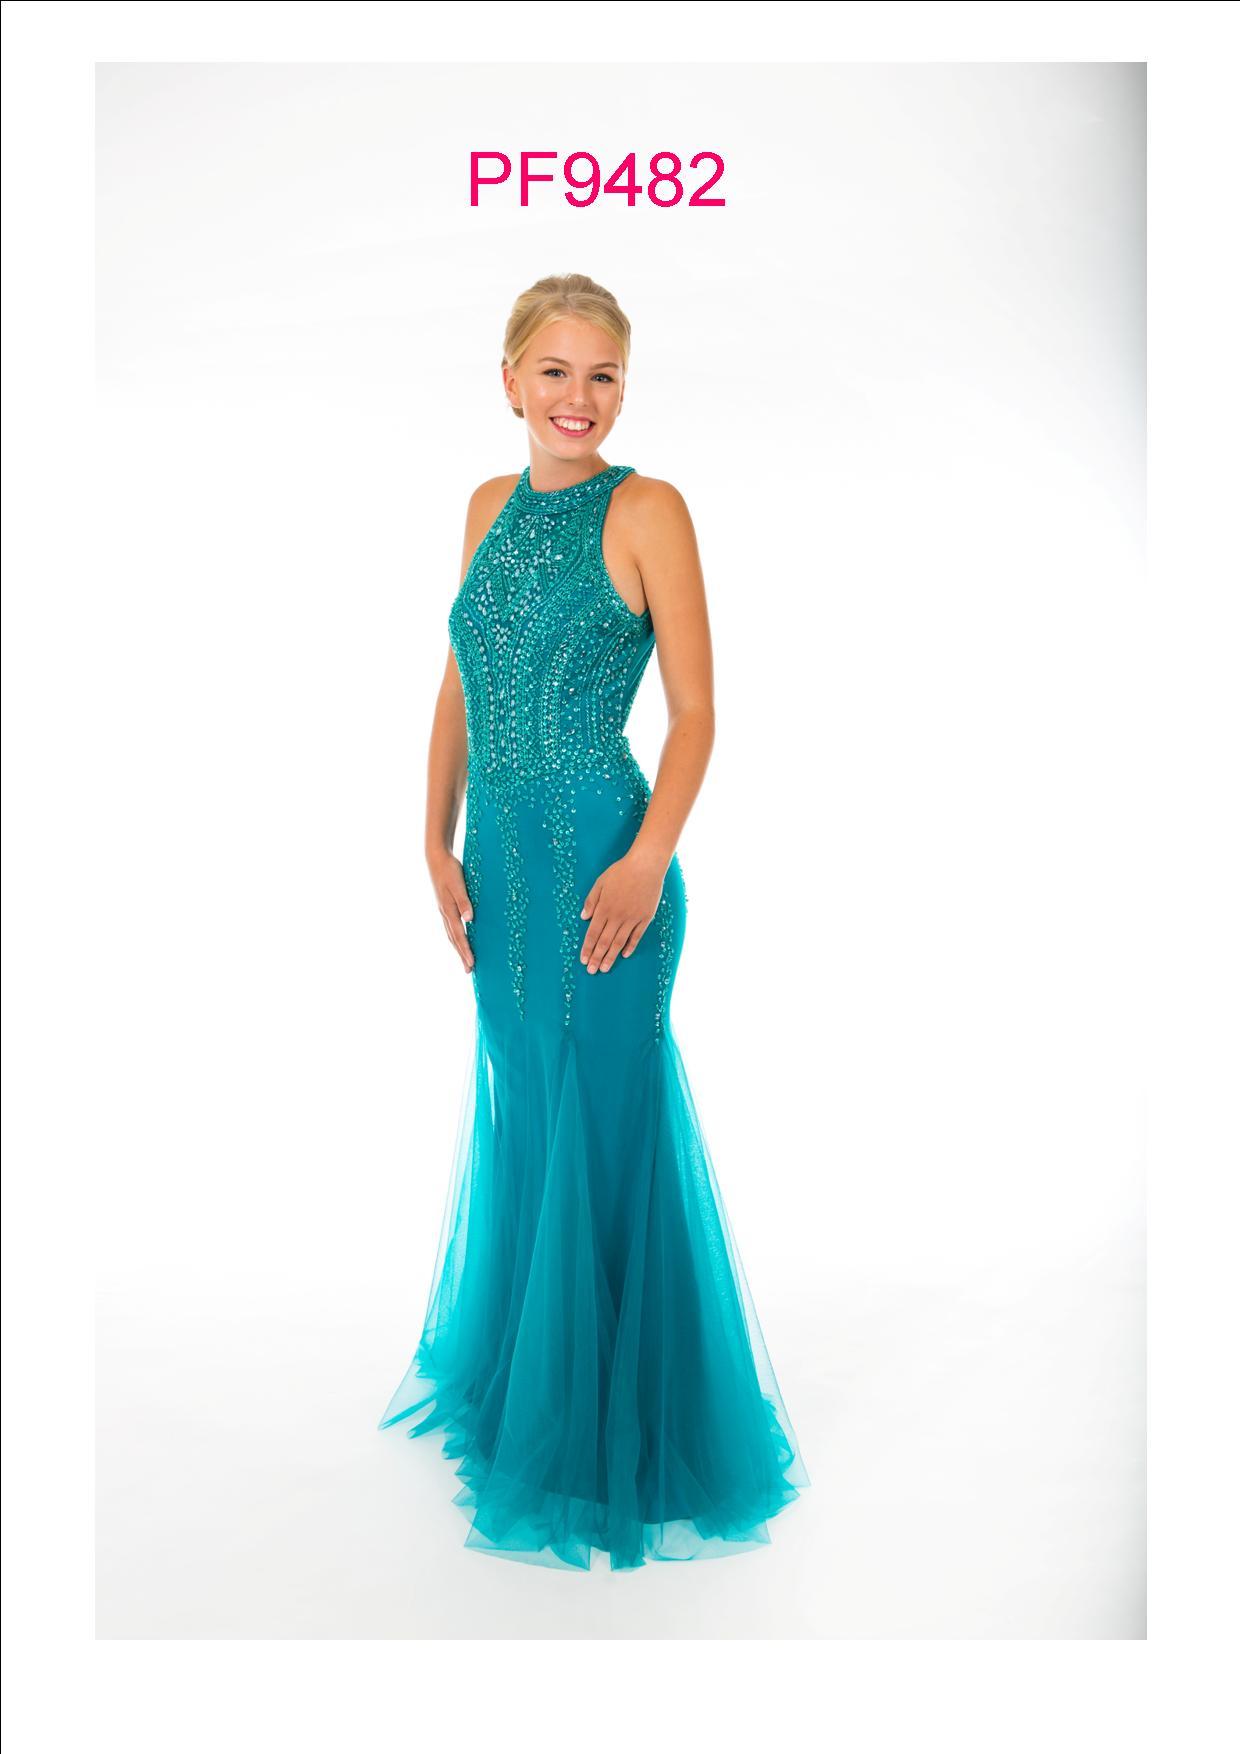 2a878bf0de4 Prom Frocks PF 9482 Green Prom Dress - Prom Frocks UK Prom Dresses